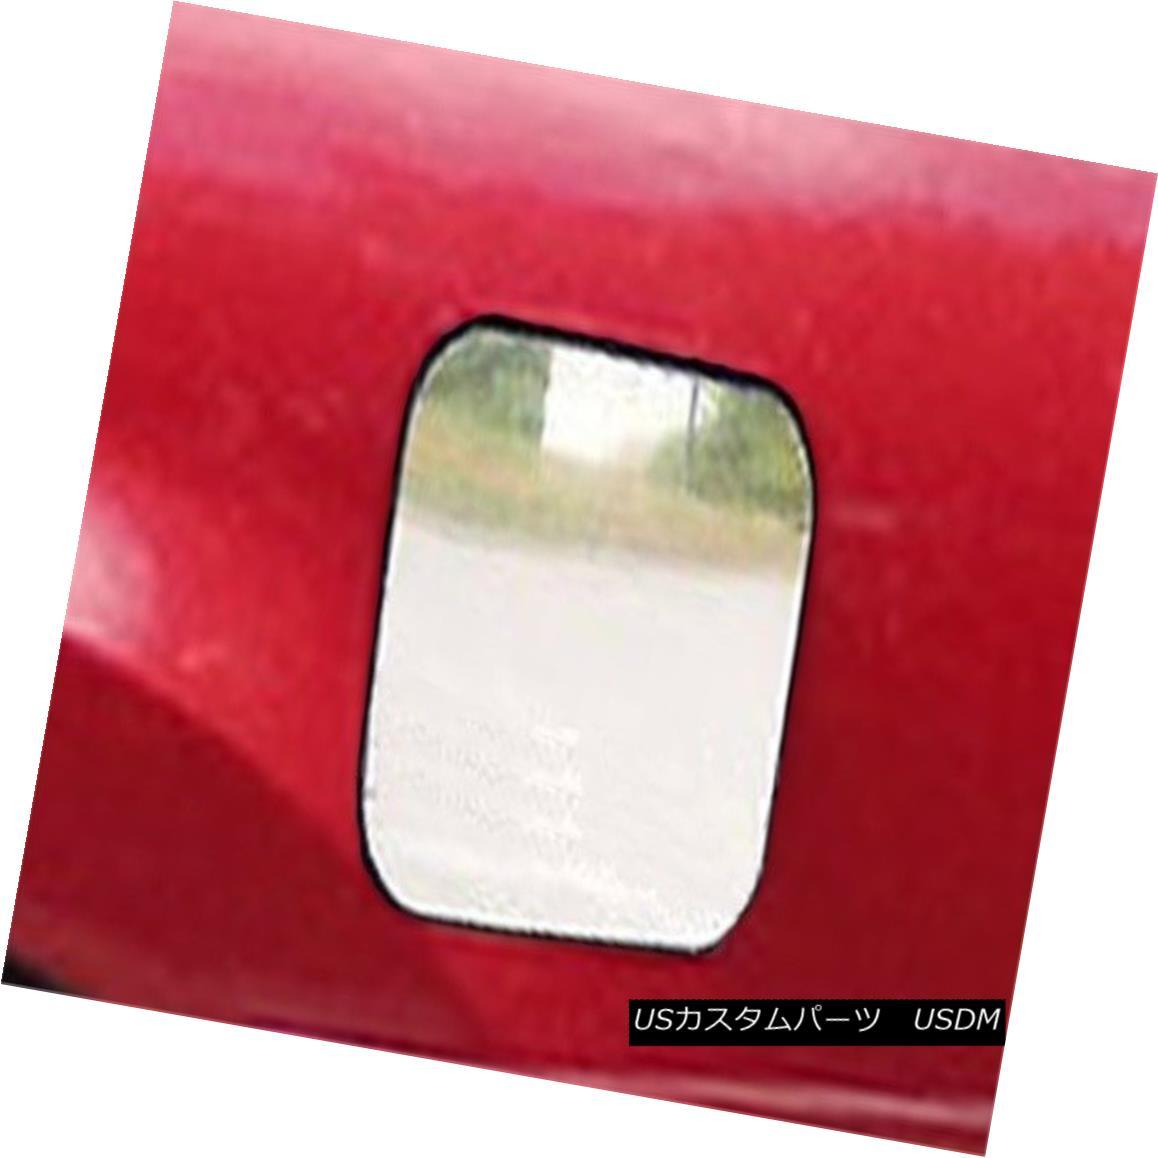 グリル Fits 2004-2008 NISSAN MAXIMA 4-door -Stainless Steel GAS CAP DOOR フィット2004-2008日産マキシマ4ドア - ステンレススチールガスCAP DOOR